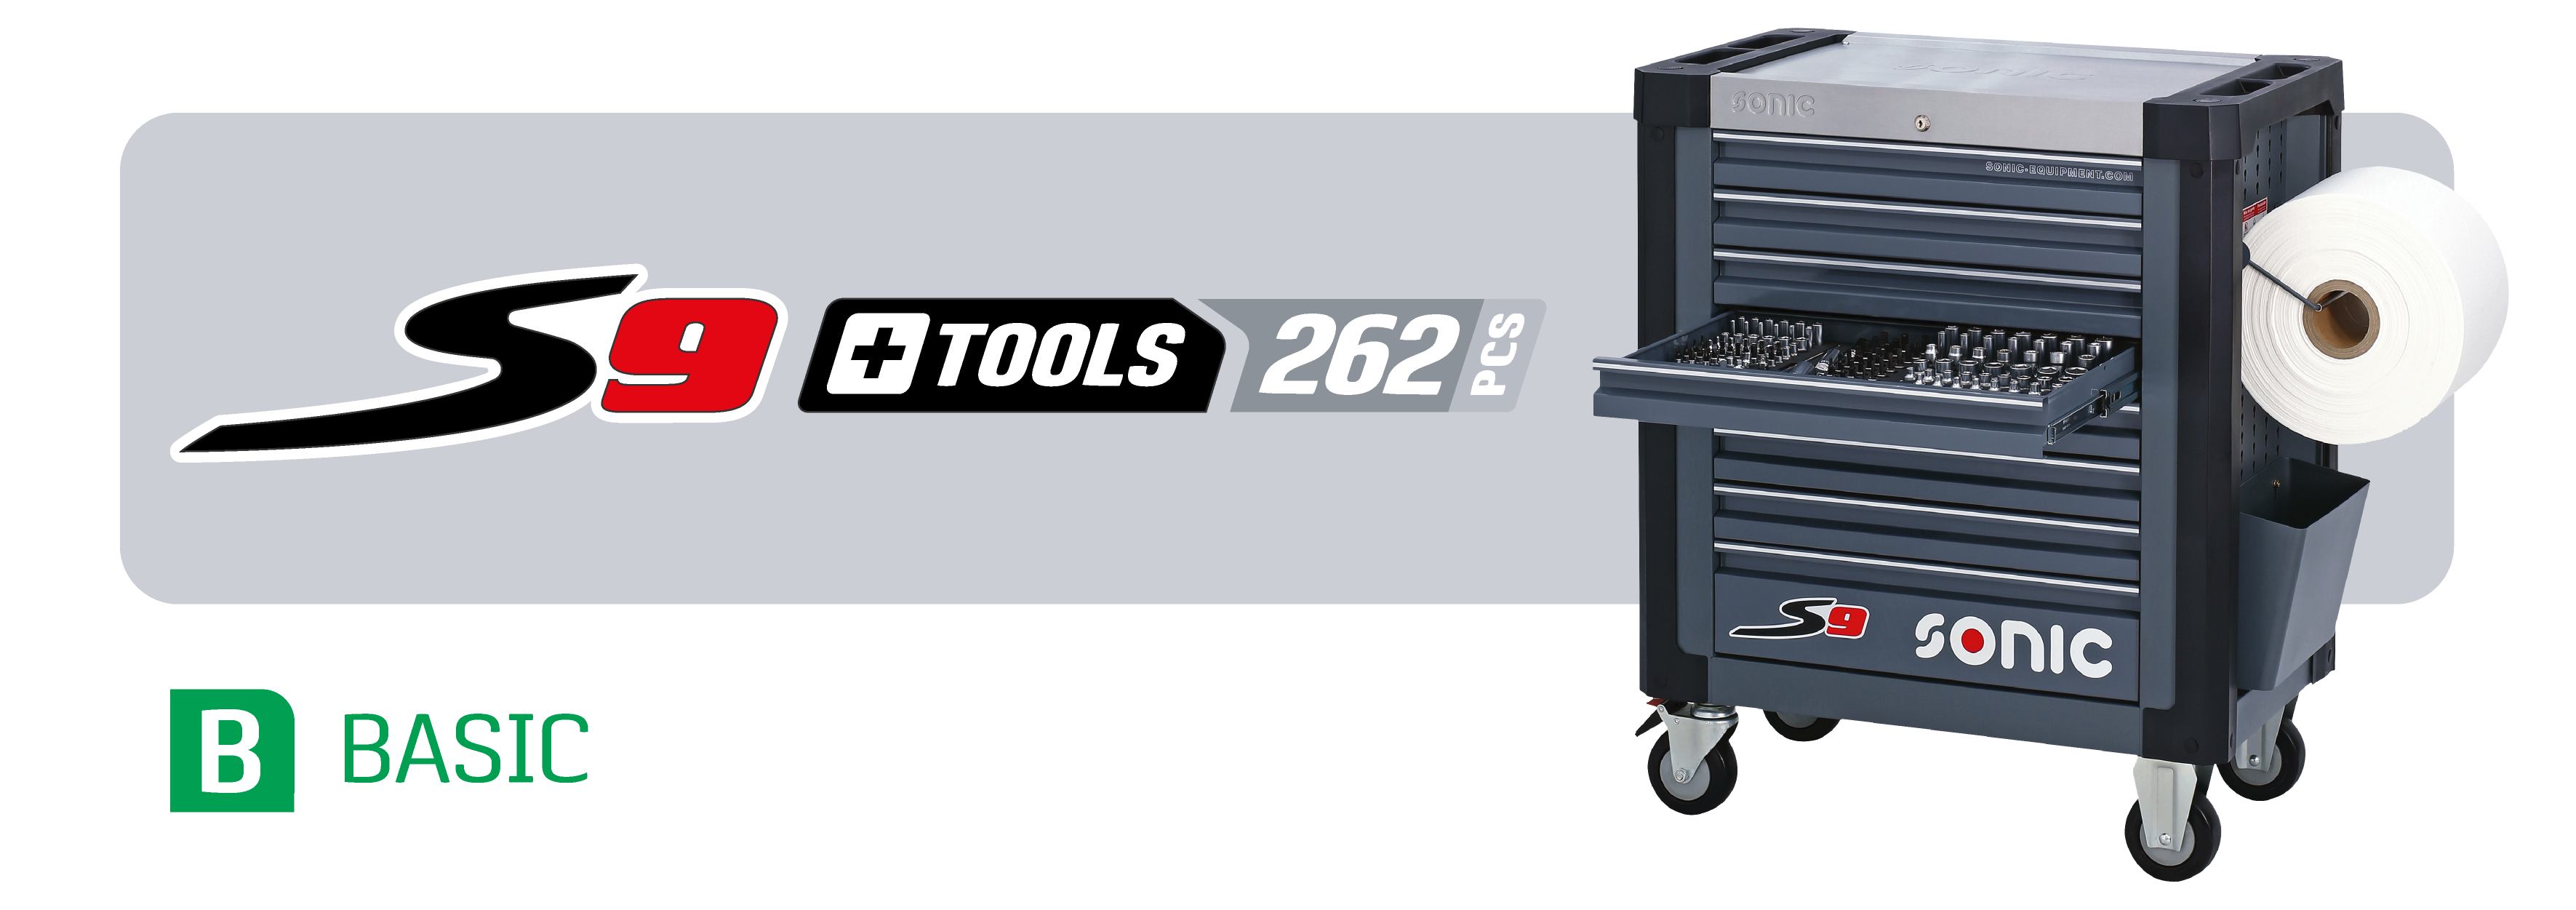 S9工具箱与工具